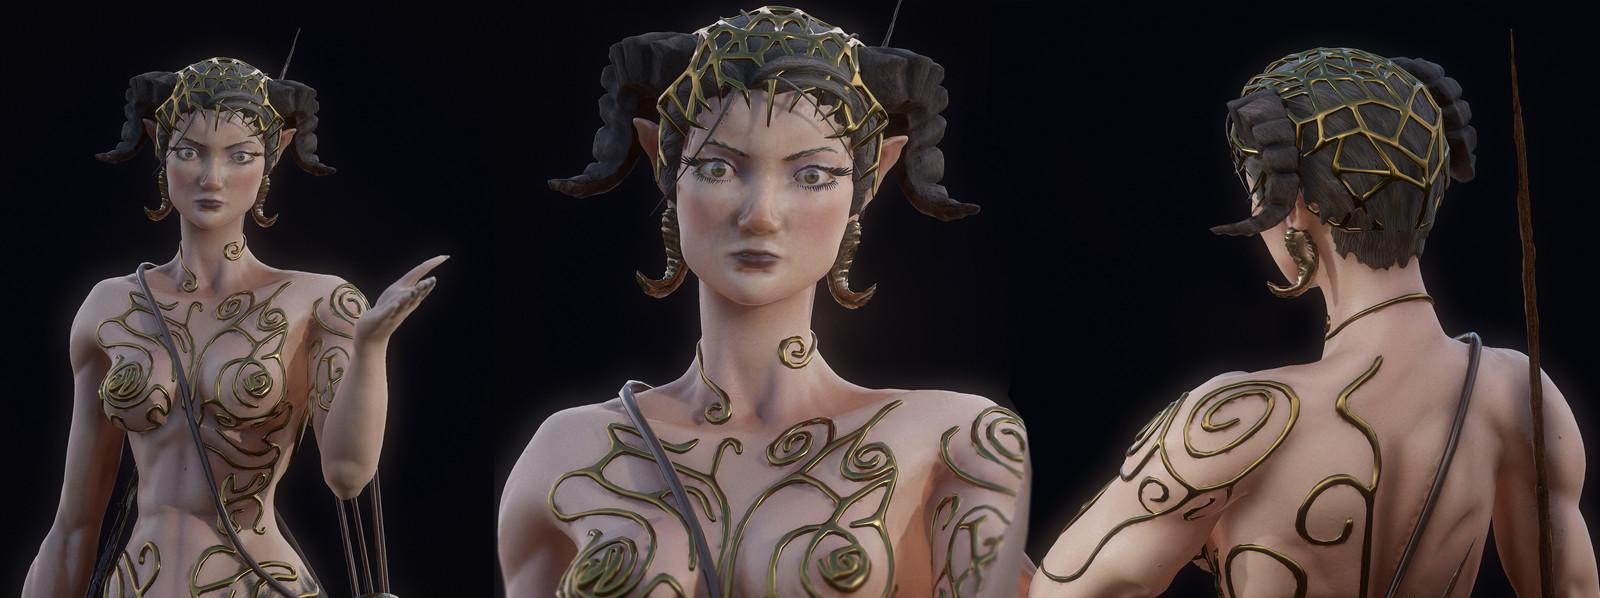 Ursula - Female Centaur